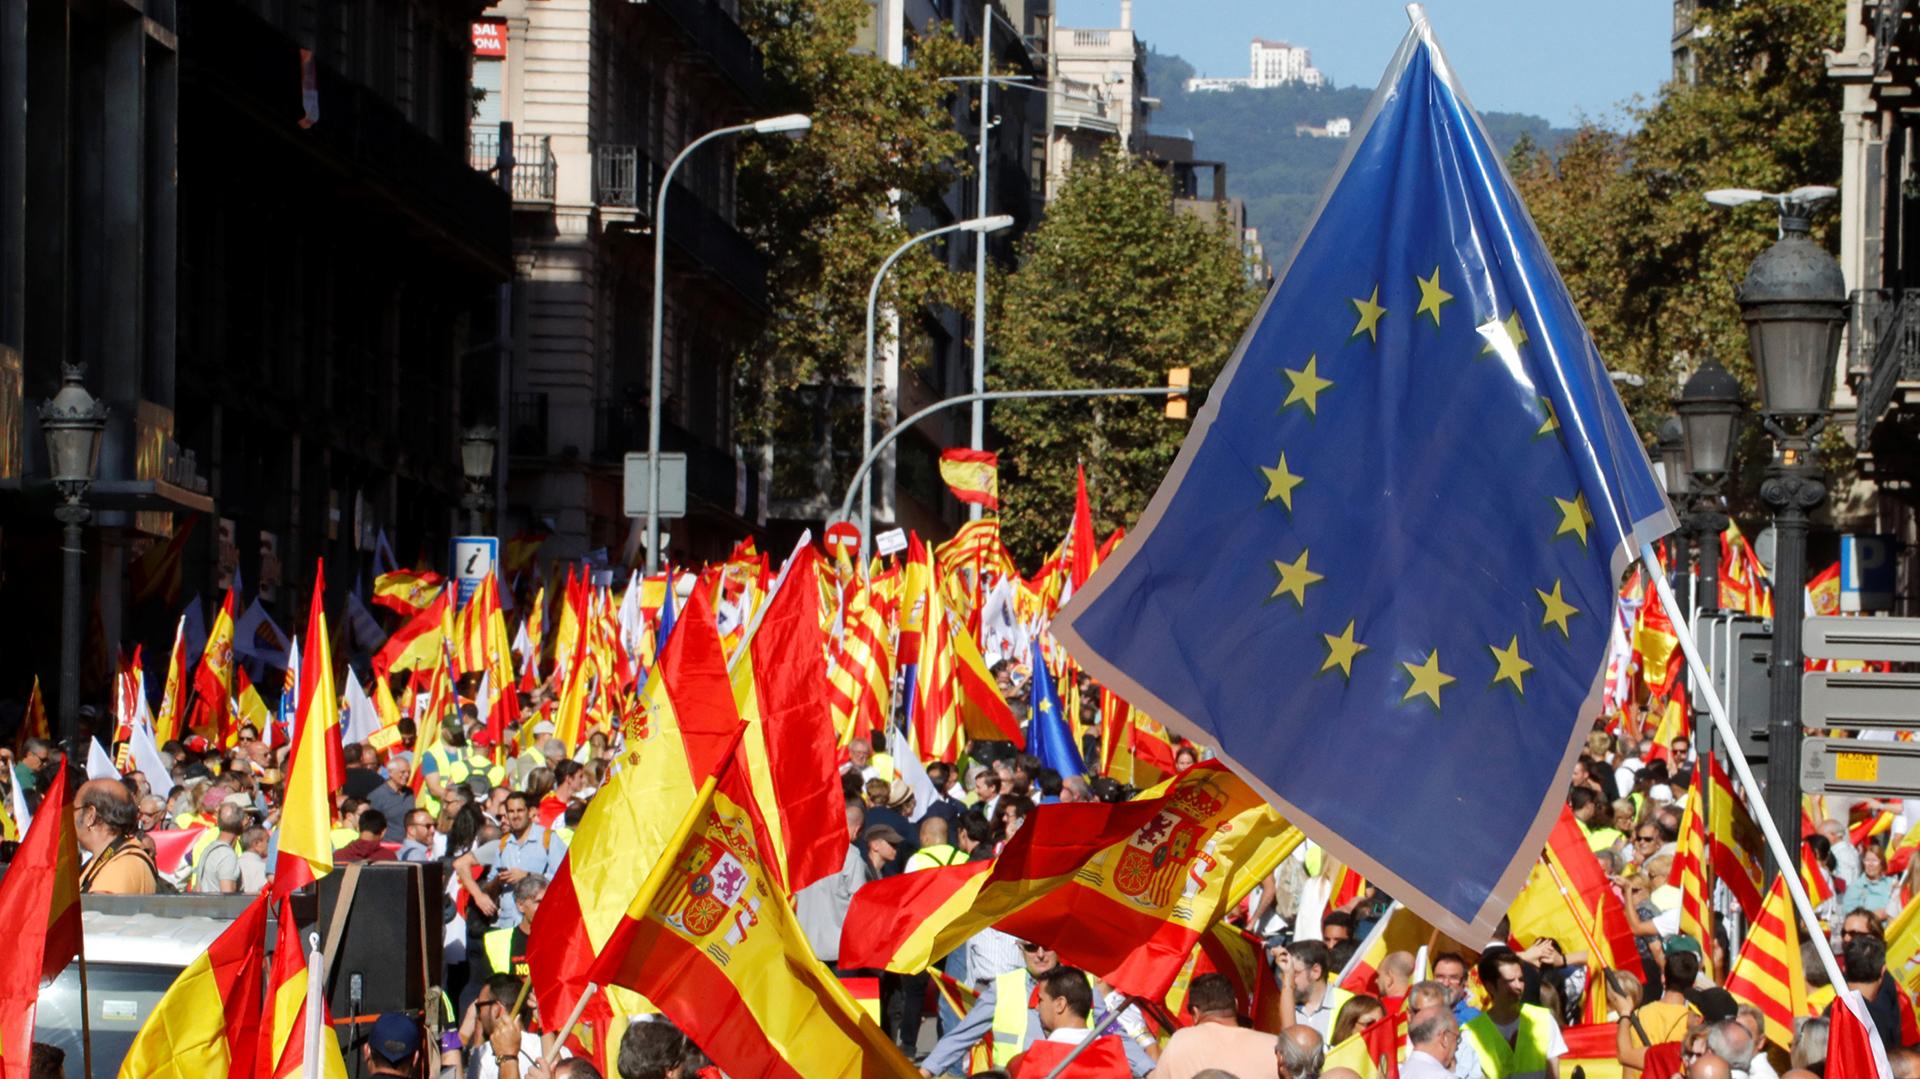 Banderas de la Unión Europea también fueron flameadas por los presentes